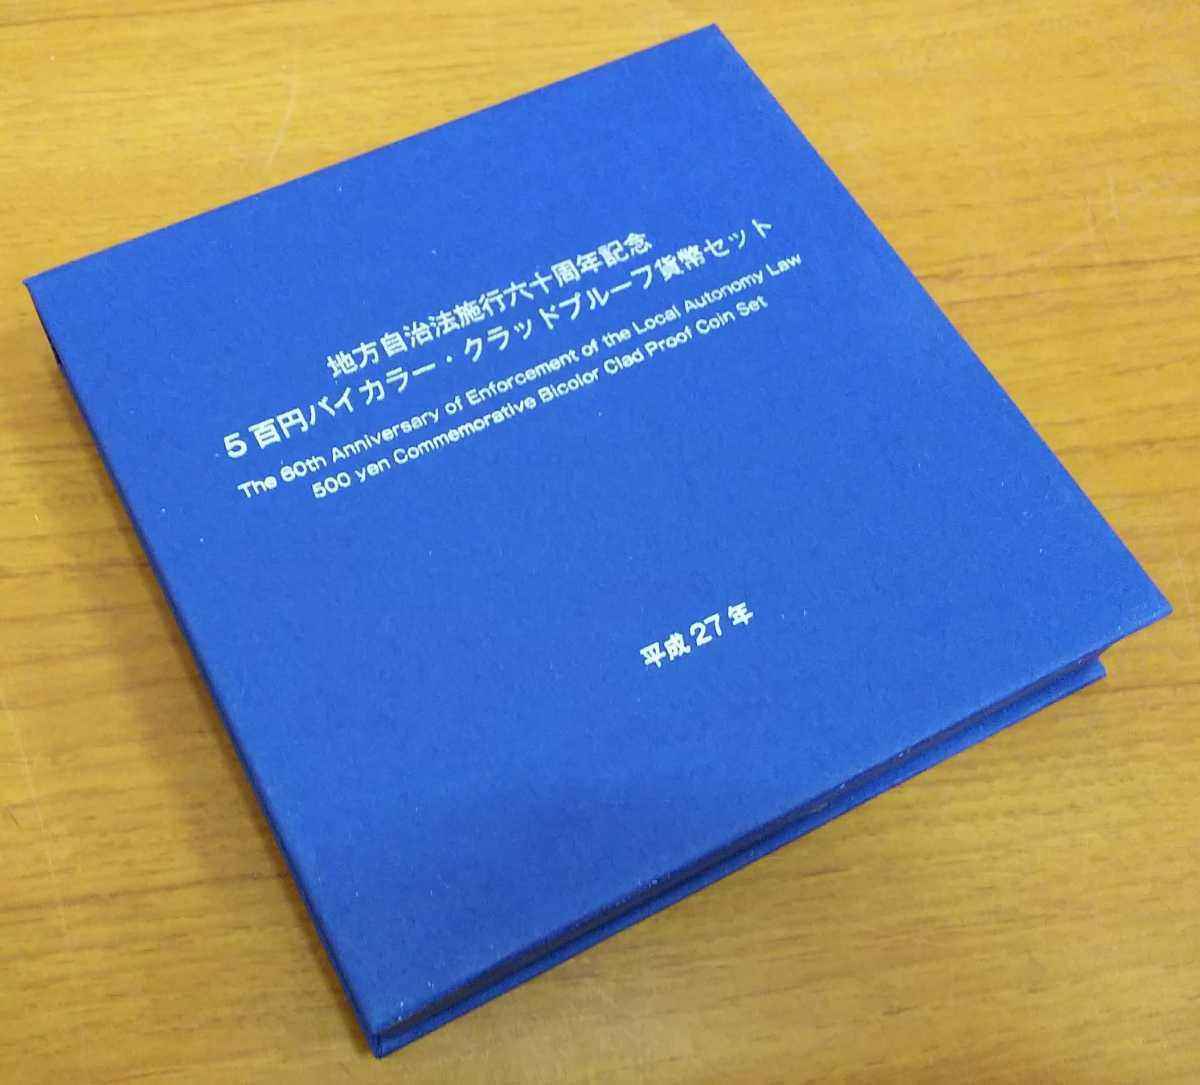 07-141-P:地方自治法施行60周年記念貨幣 六十周年 福岡県500円バイカラー・クラッドプルーフ貨幣セット__画像3